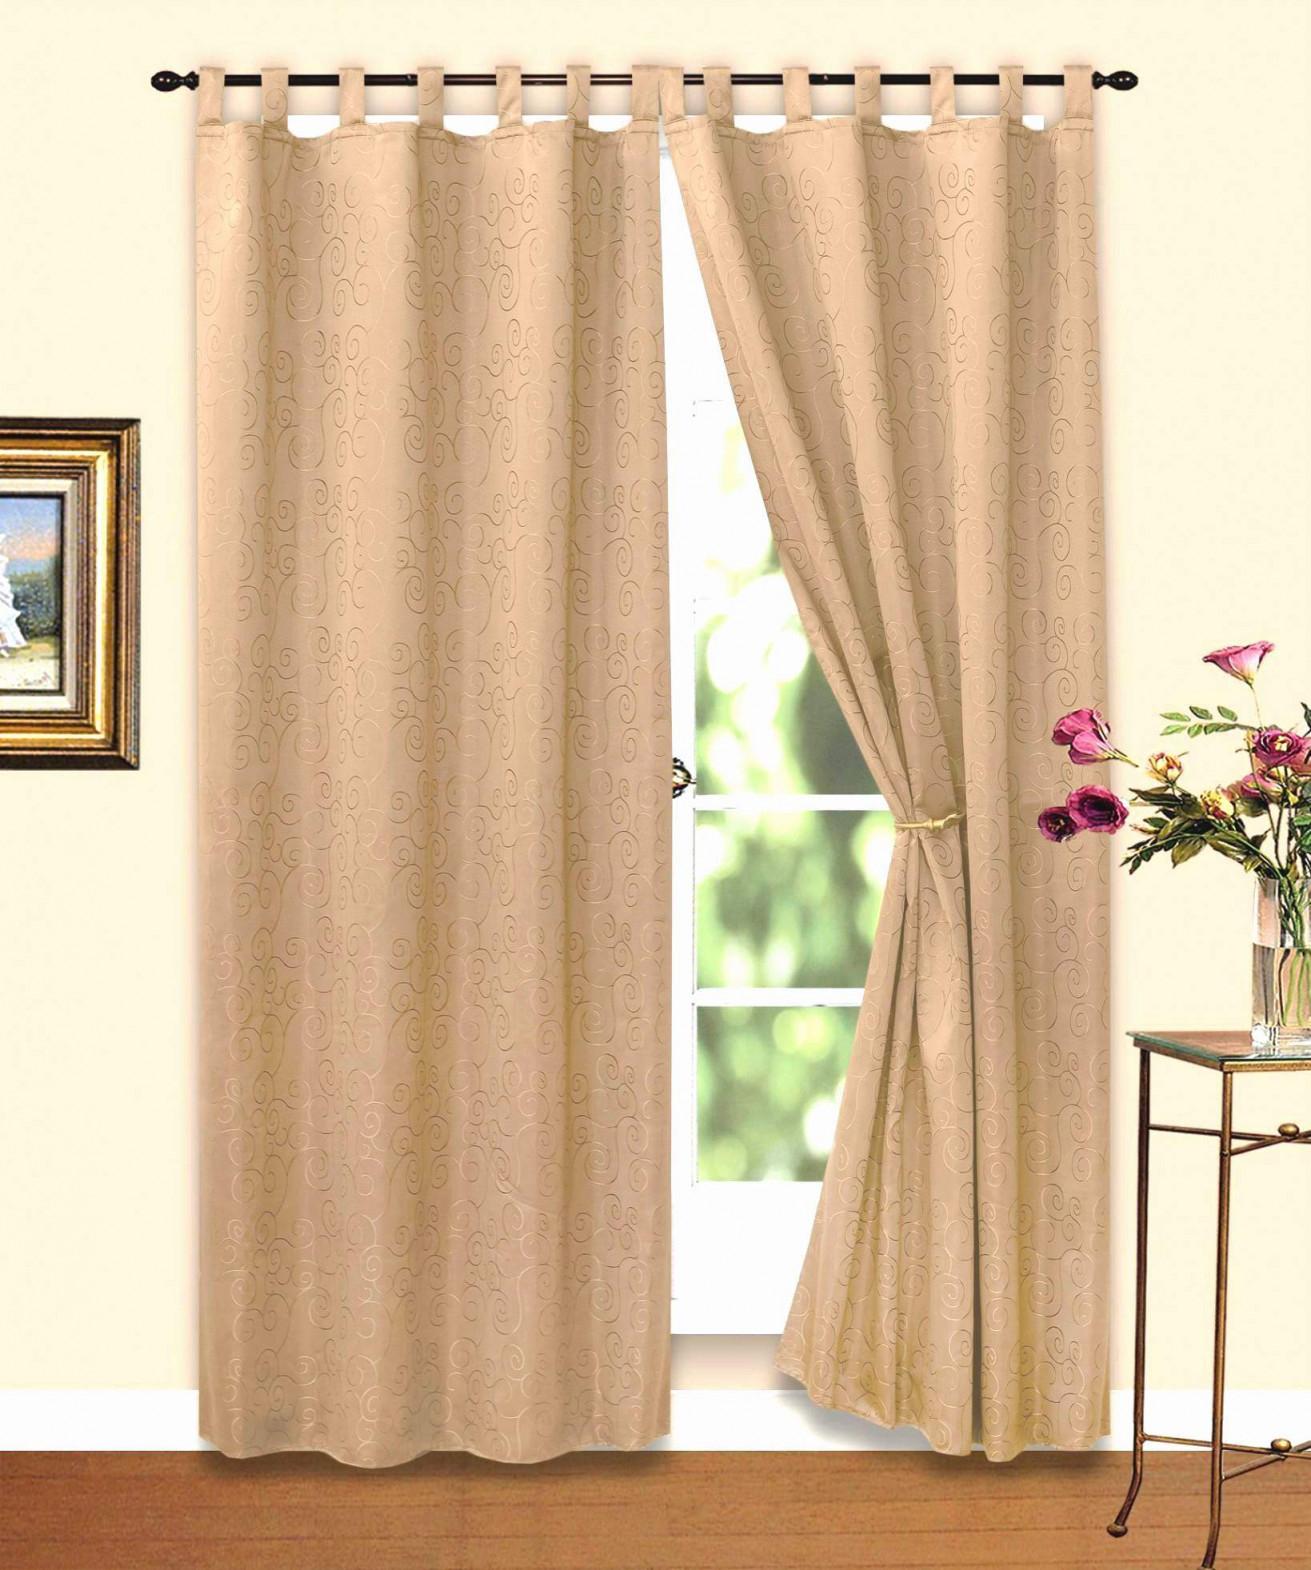 Wohnzimmer Vorhang Neu Genial Gardinen Wohnzimmer von Gardinen Wohnzimmer Beige Bild